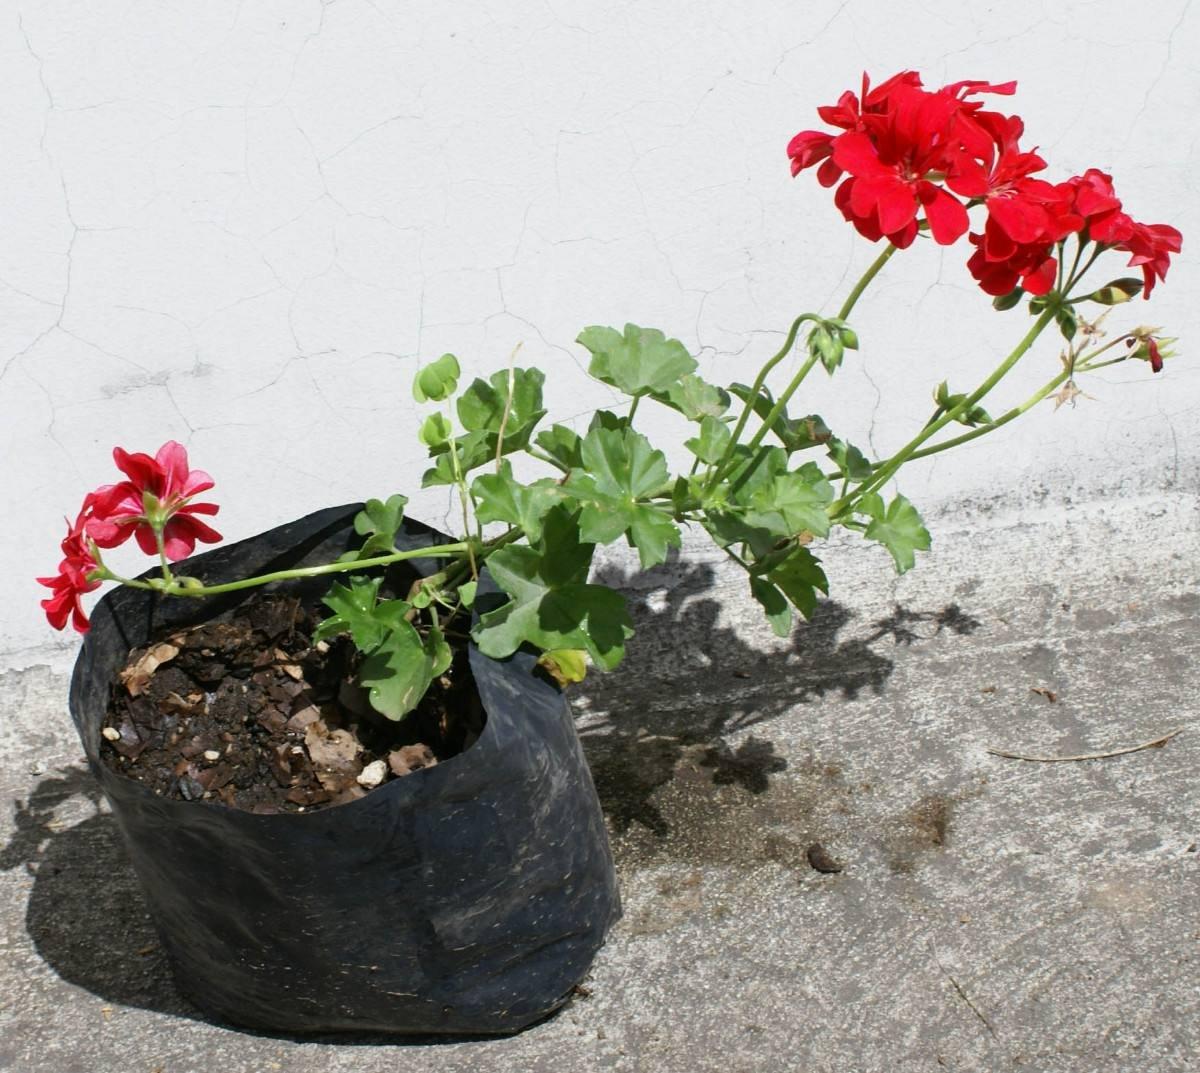 Lote 4 plantas geranio jardin de plantas ornamentales for Plantas decorativas ornamentales